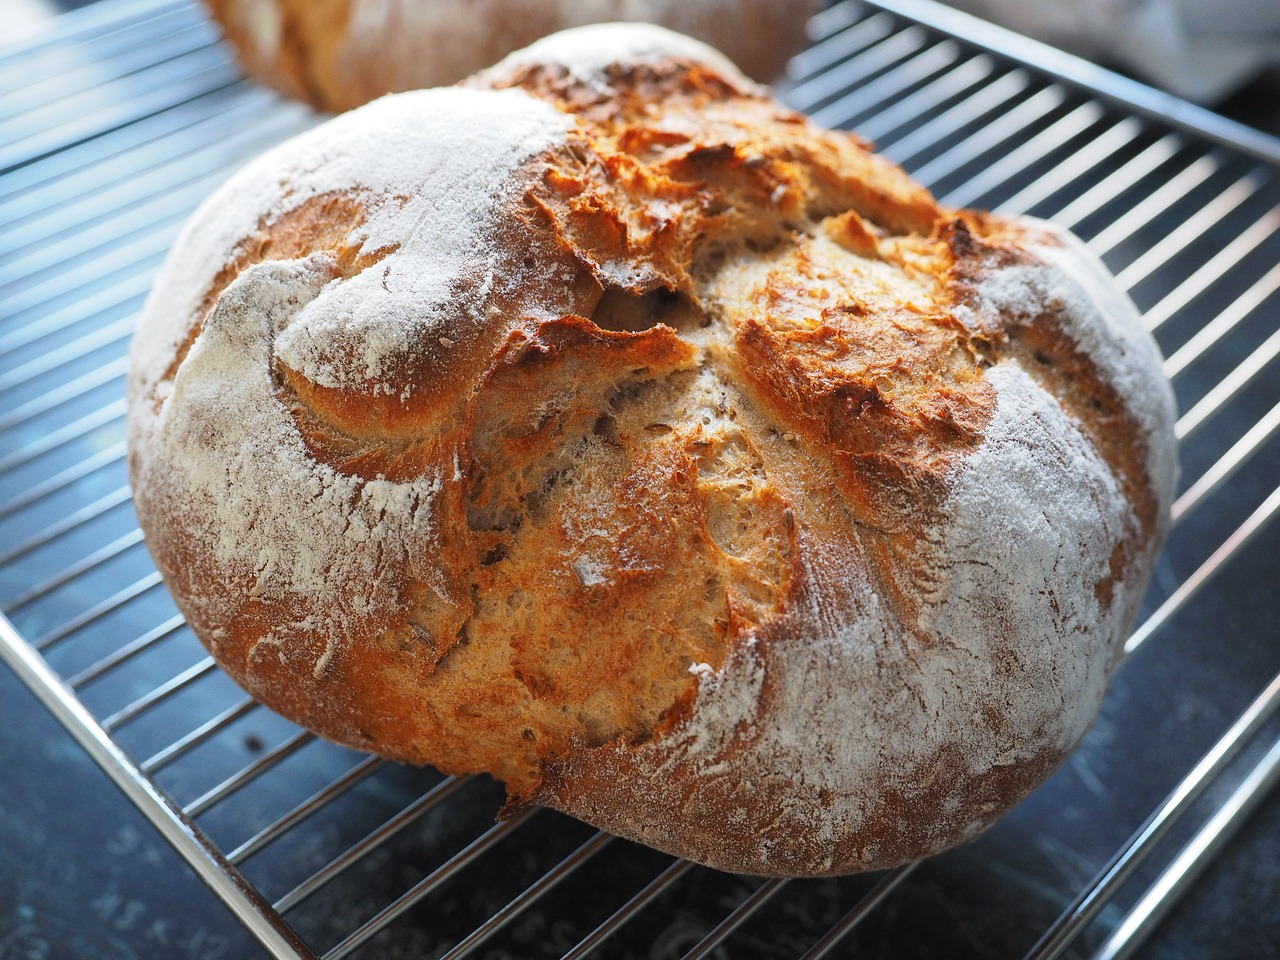 パン作り開始!イーストか酵母で迷ったときは特徴や違いを考えて